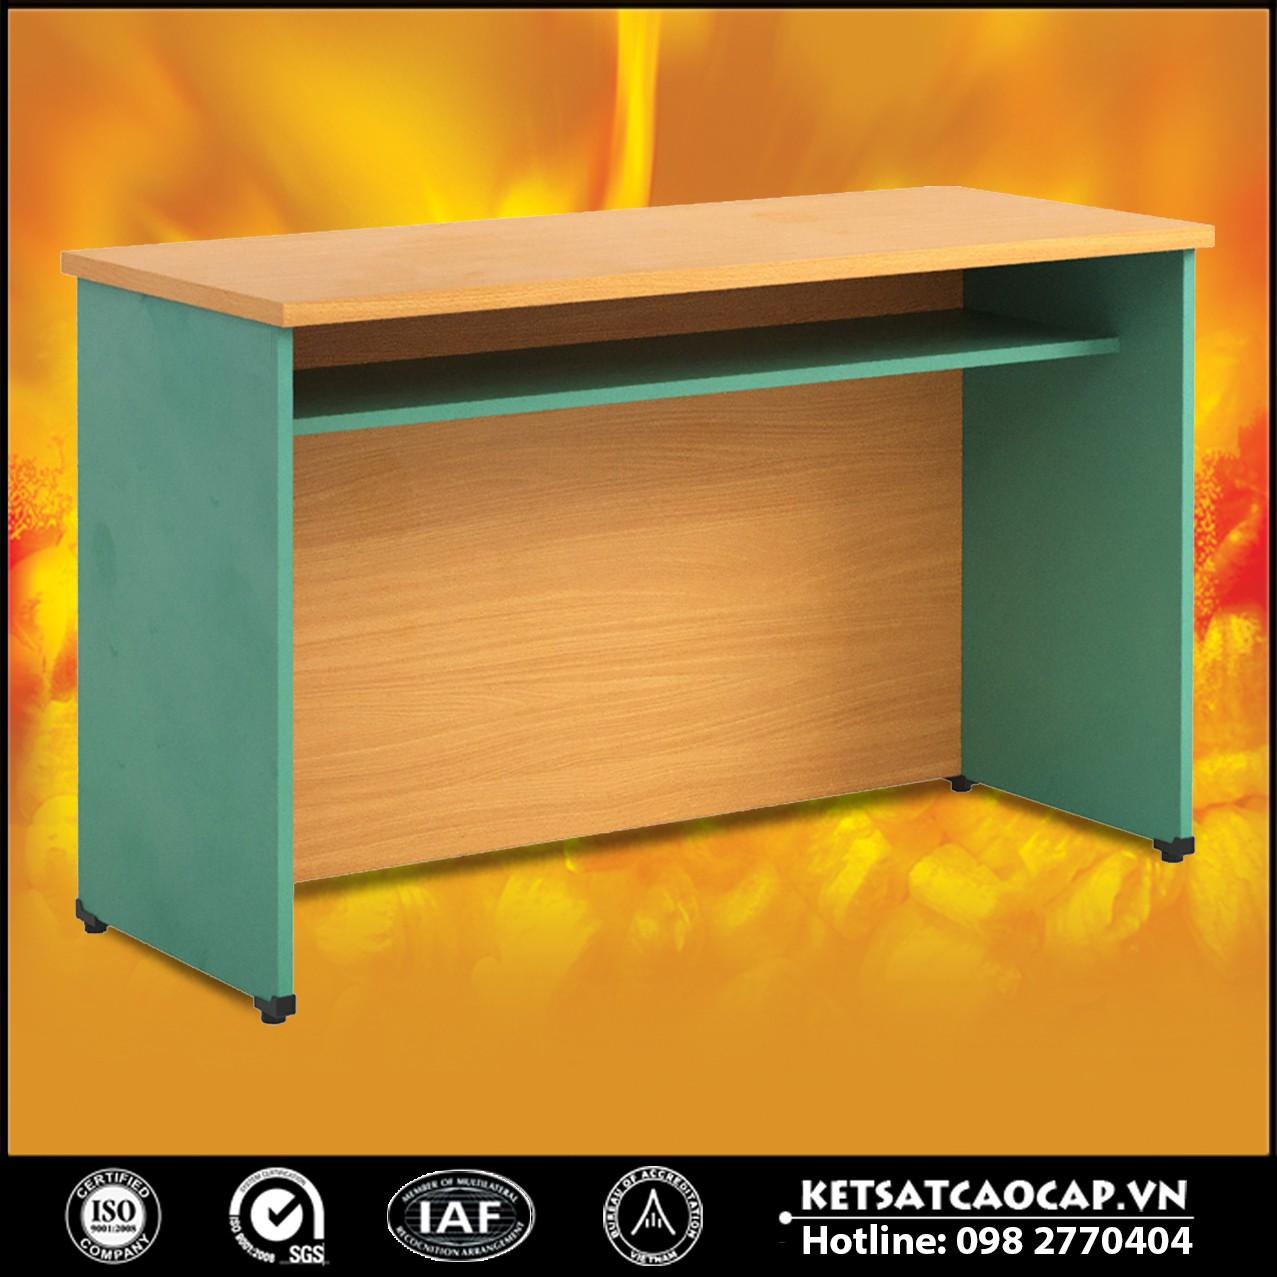 Một số mẫu bàn hội trường bằng gỗ tự nhiên giá rẻ